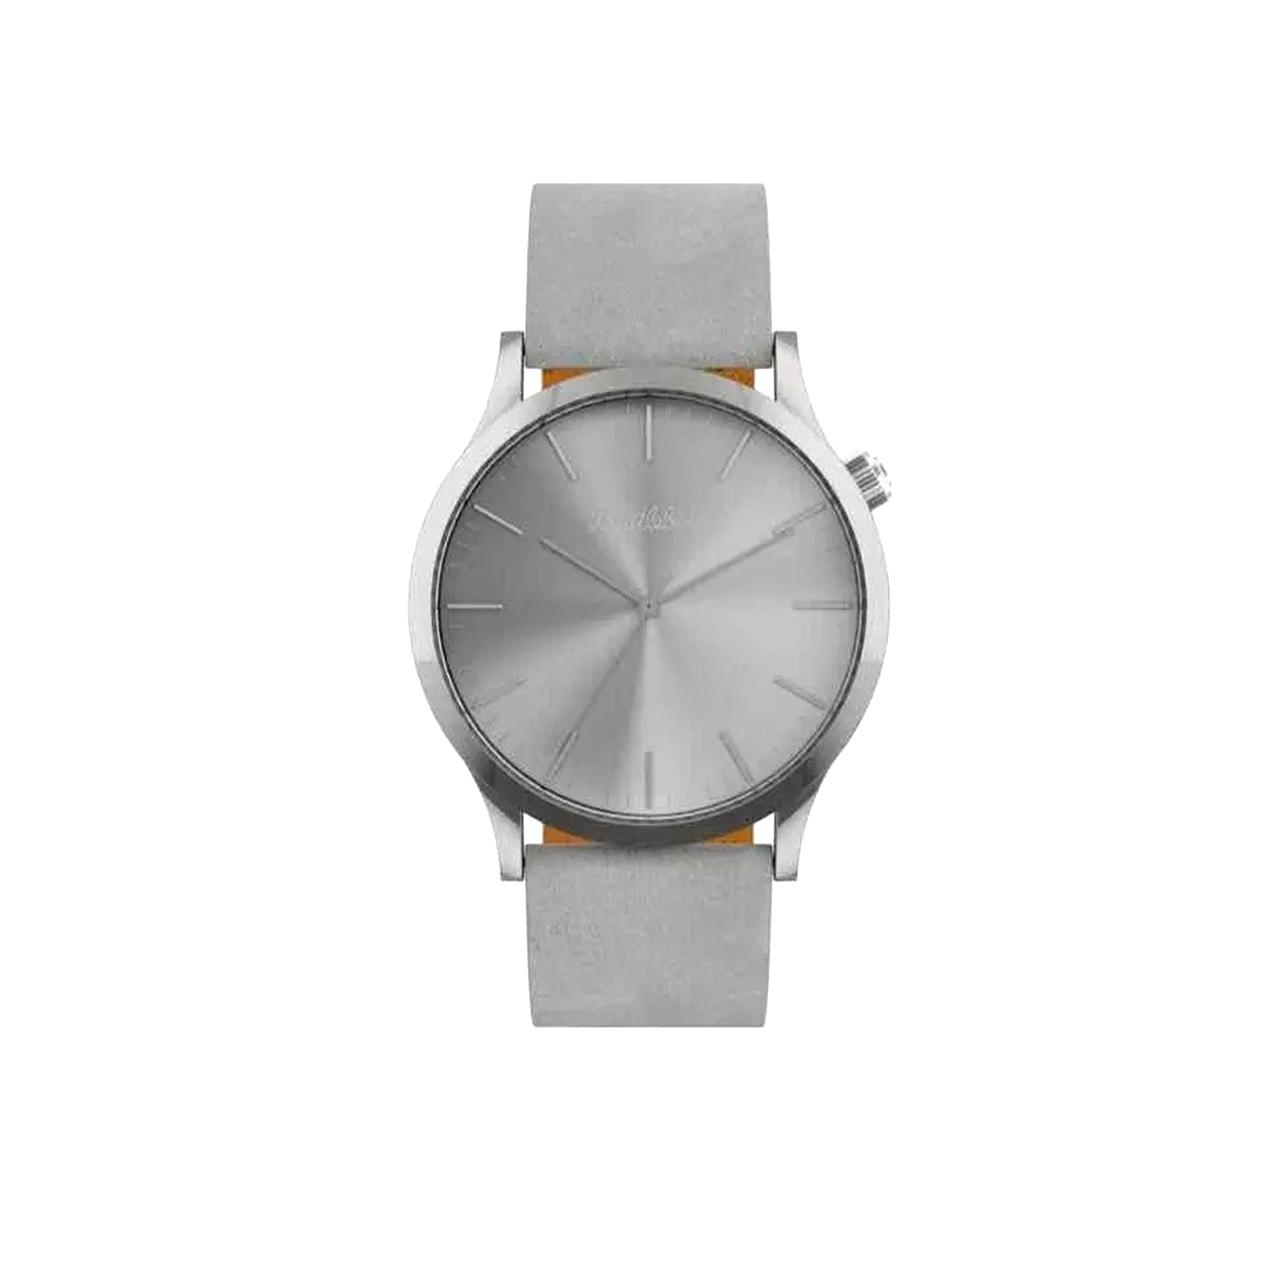 ساعت مچی عقربه ای مردانه براتلبورو سری Monogrey مدل B01TR07